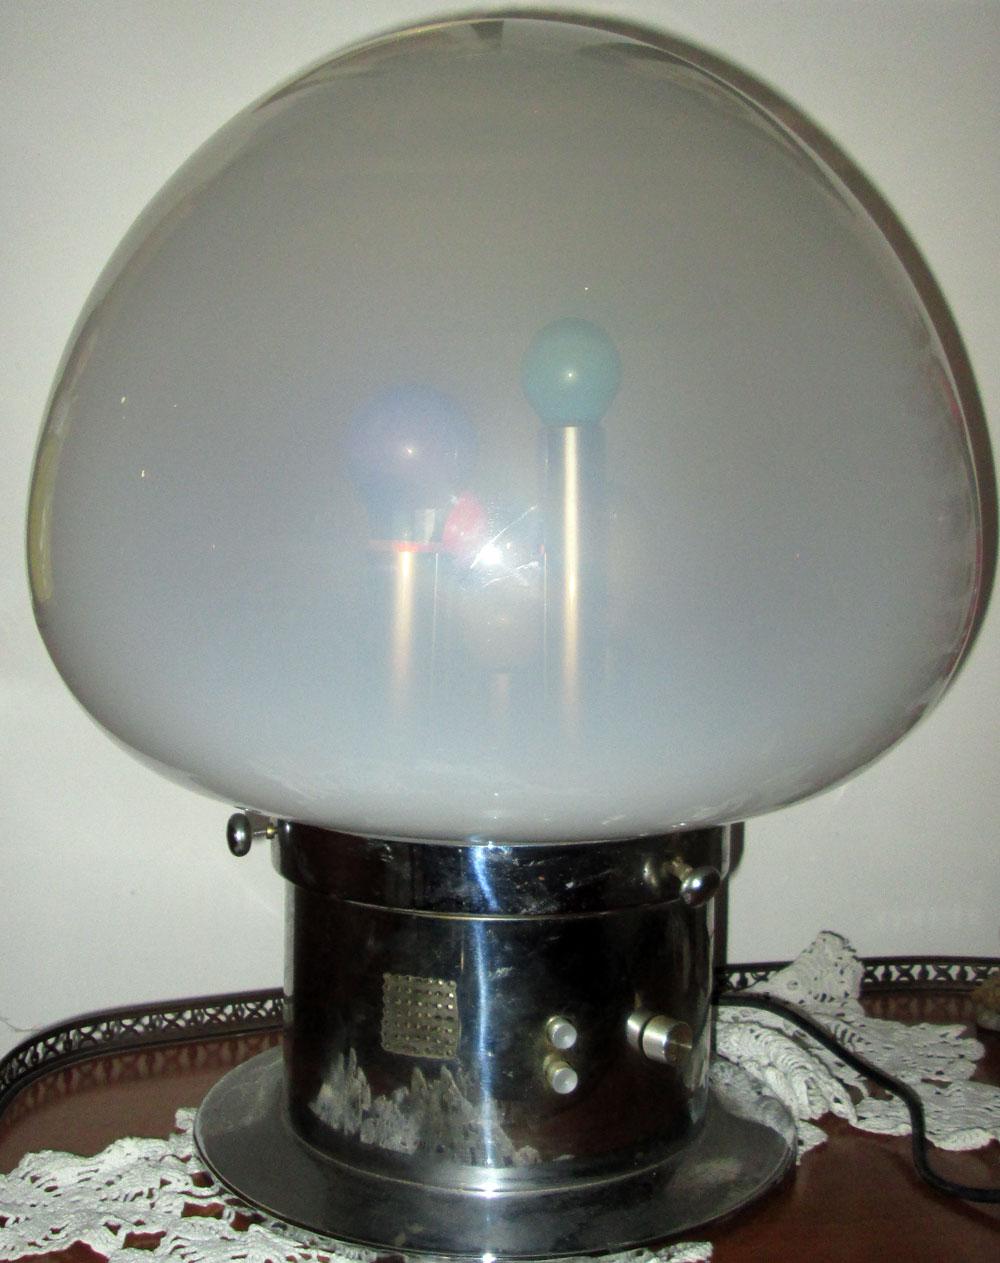 lampada 1970s vintage modernariato psicadelica Selenova vintage table lamp color  eBay